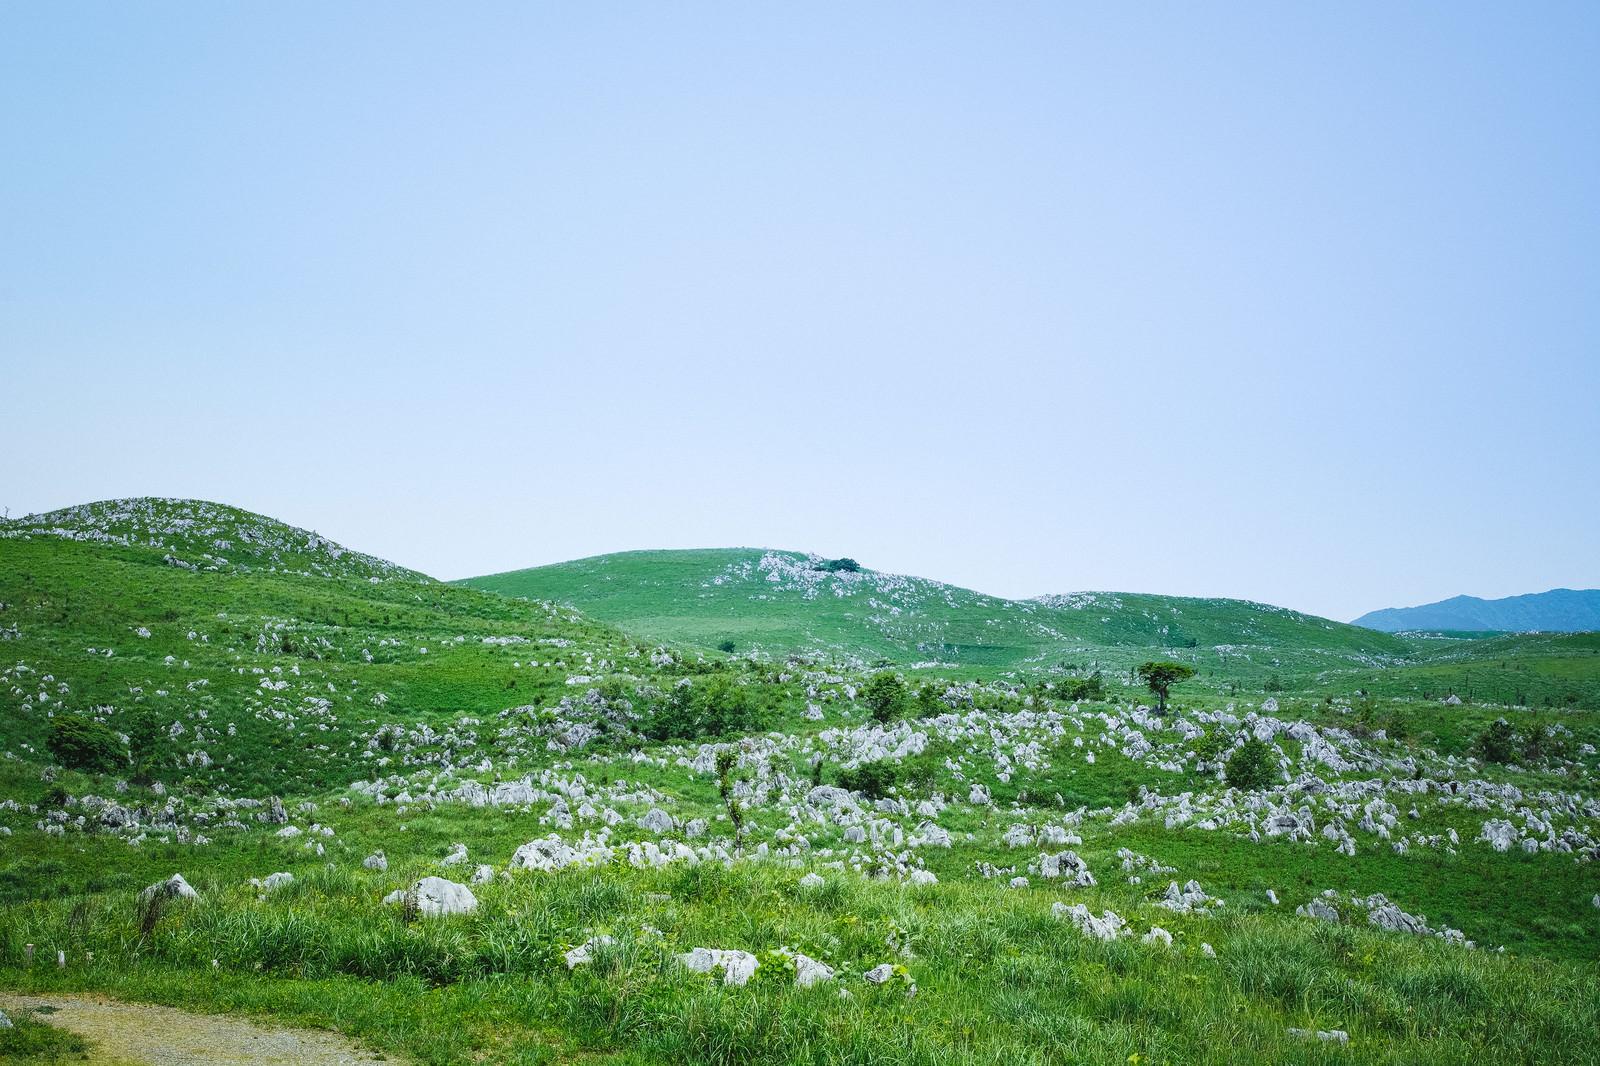 「果てしなく続く雄大なカルスト台地(山口県美祢市)」の写真